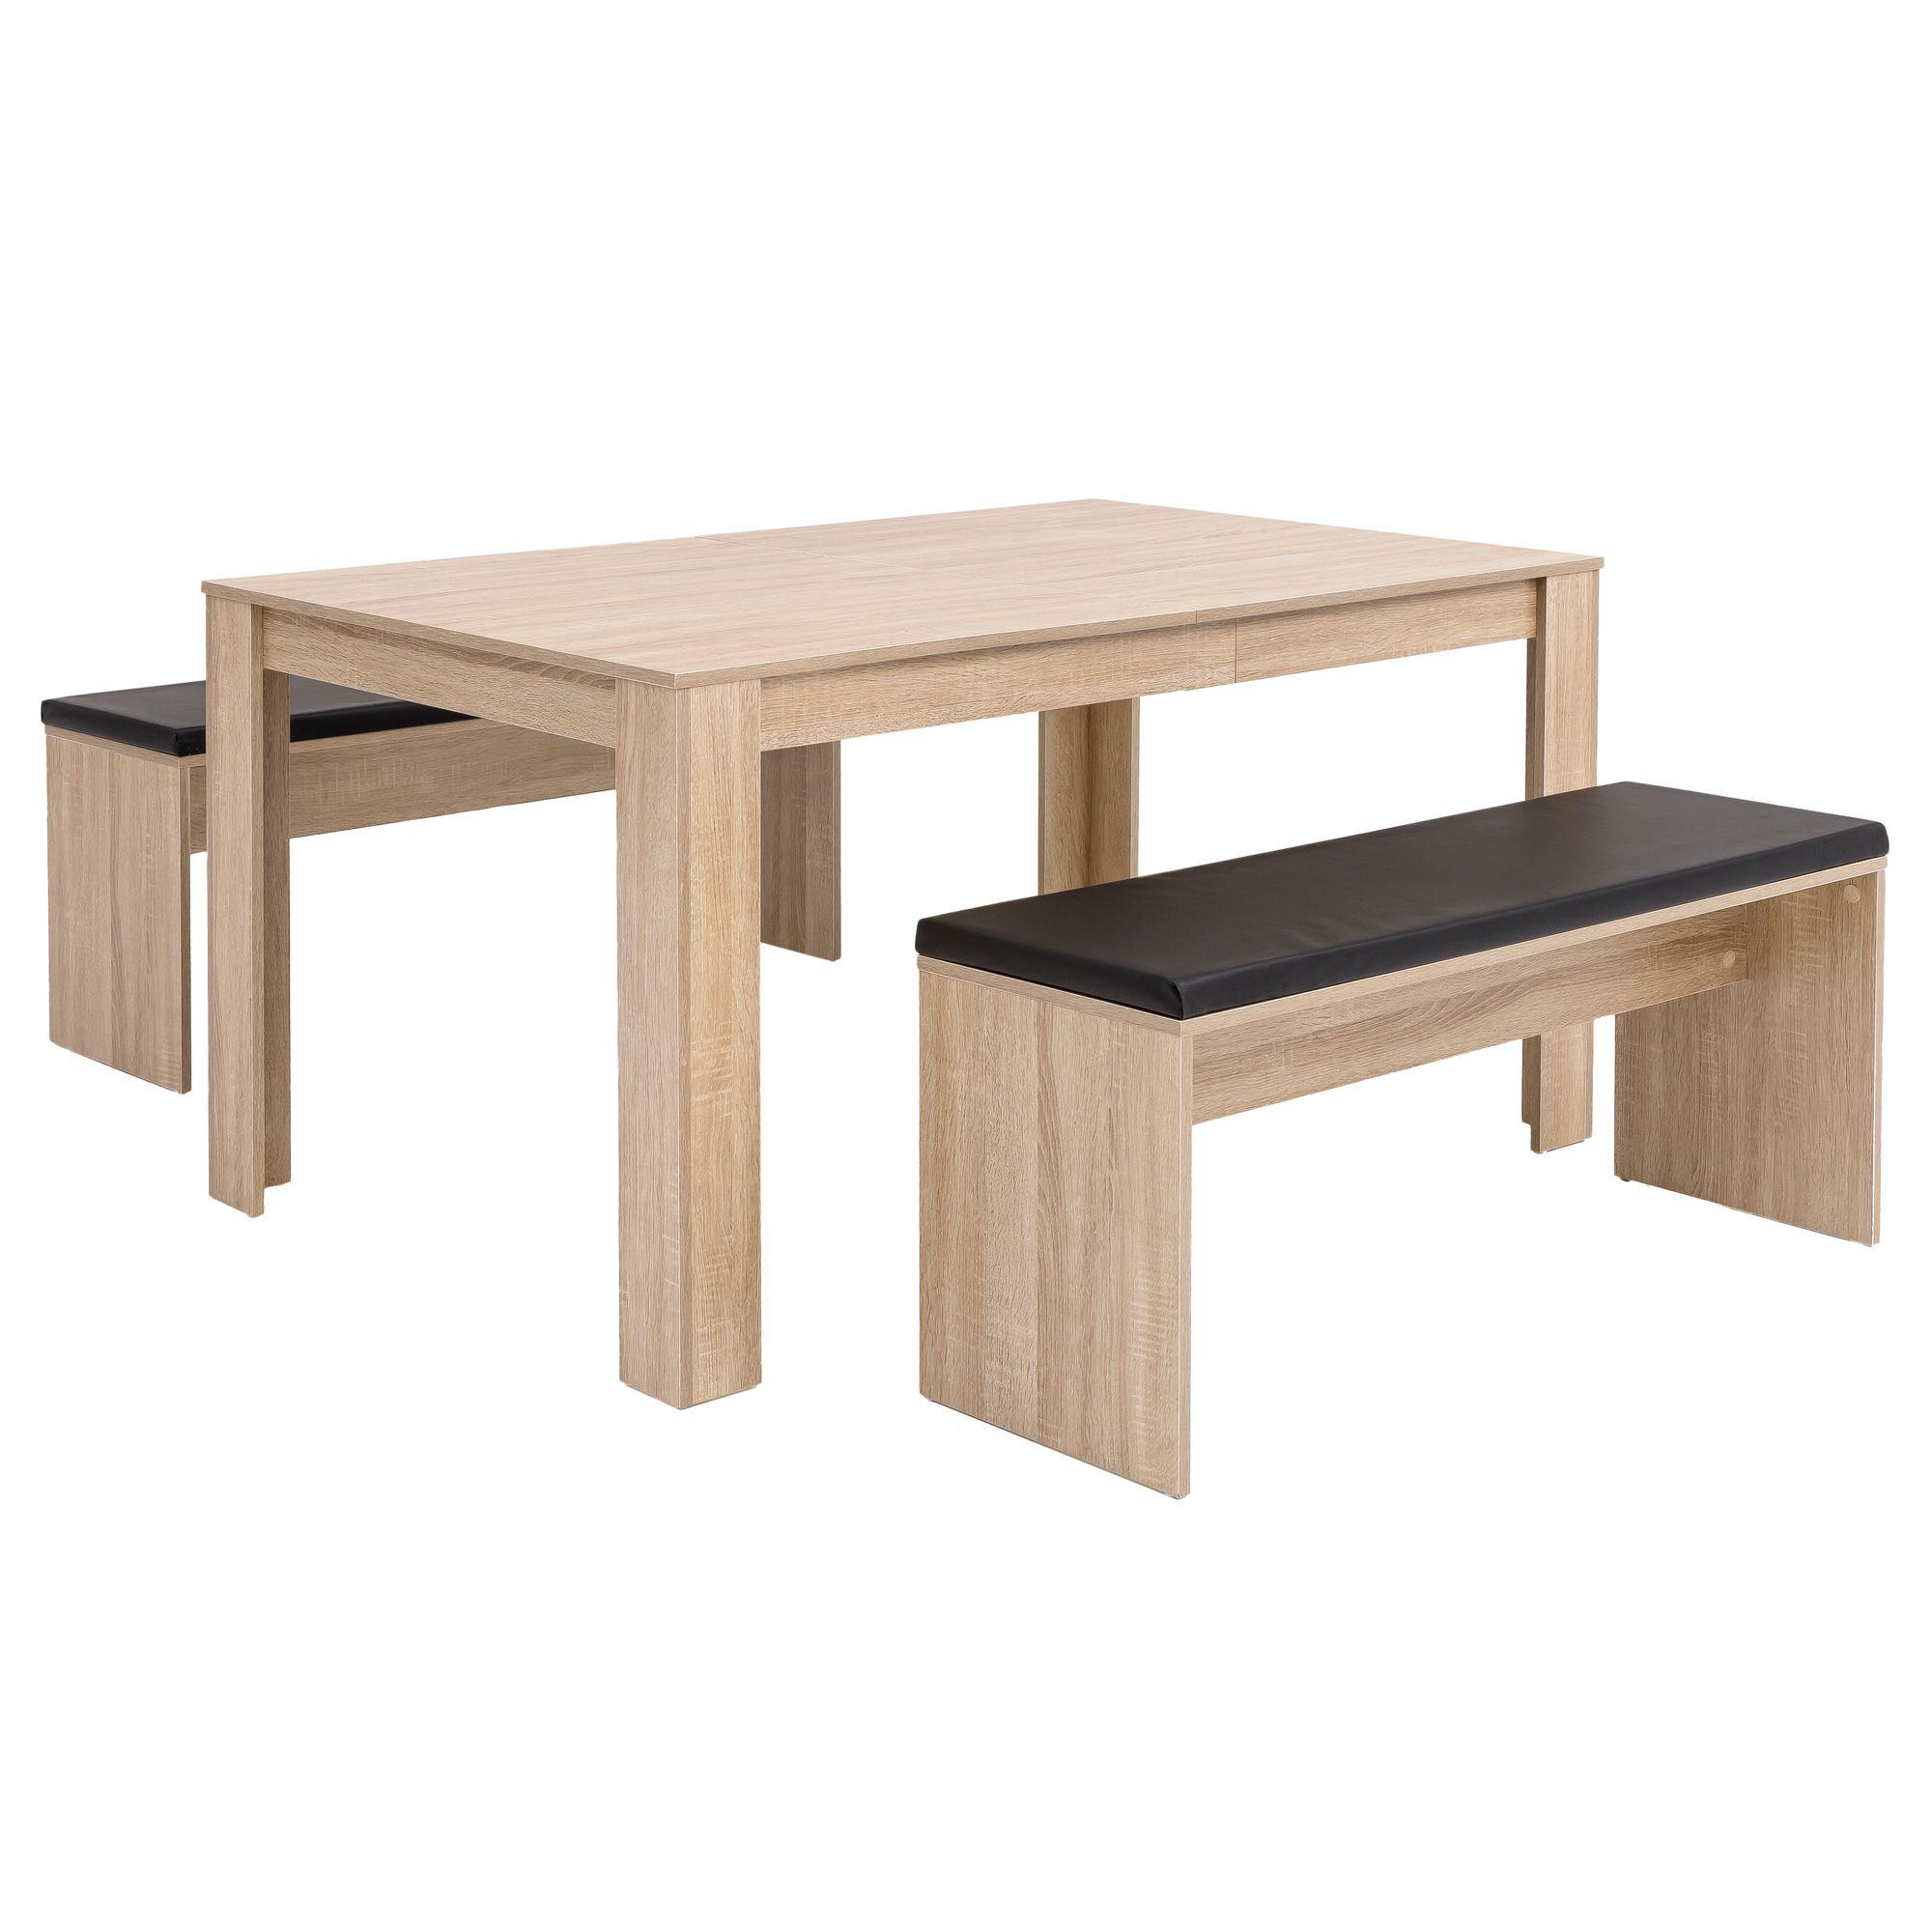 Full Size of Küche Sitzgruppe Klein Sitzgruppe Küche Mömax Sitzgruppe Küche Roller Sitzgruppe Küche Grau Küche Küche Sitzgruppe